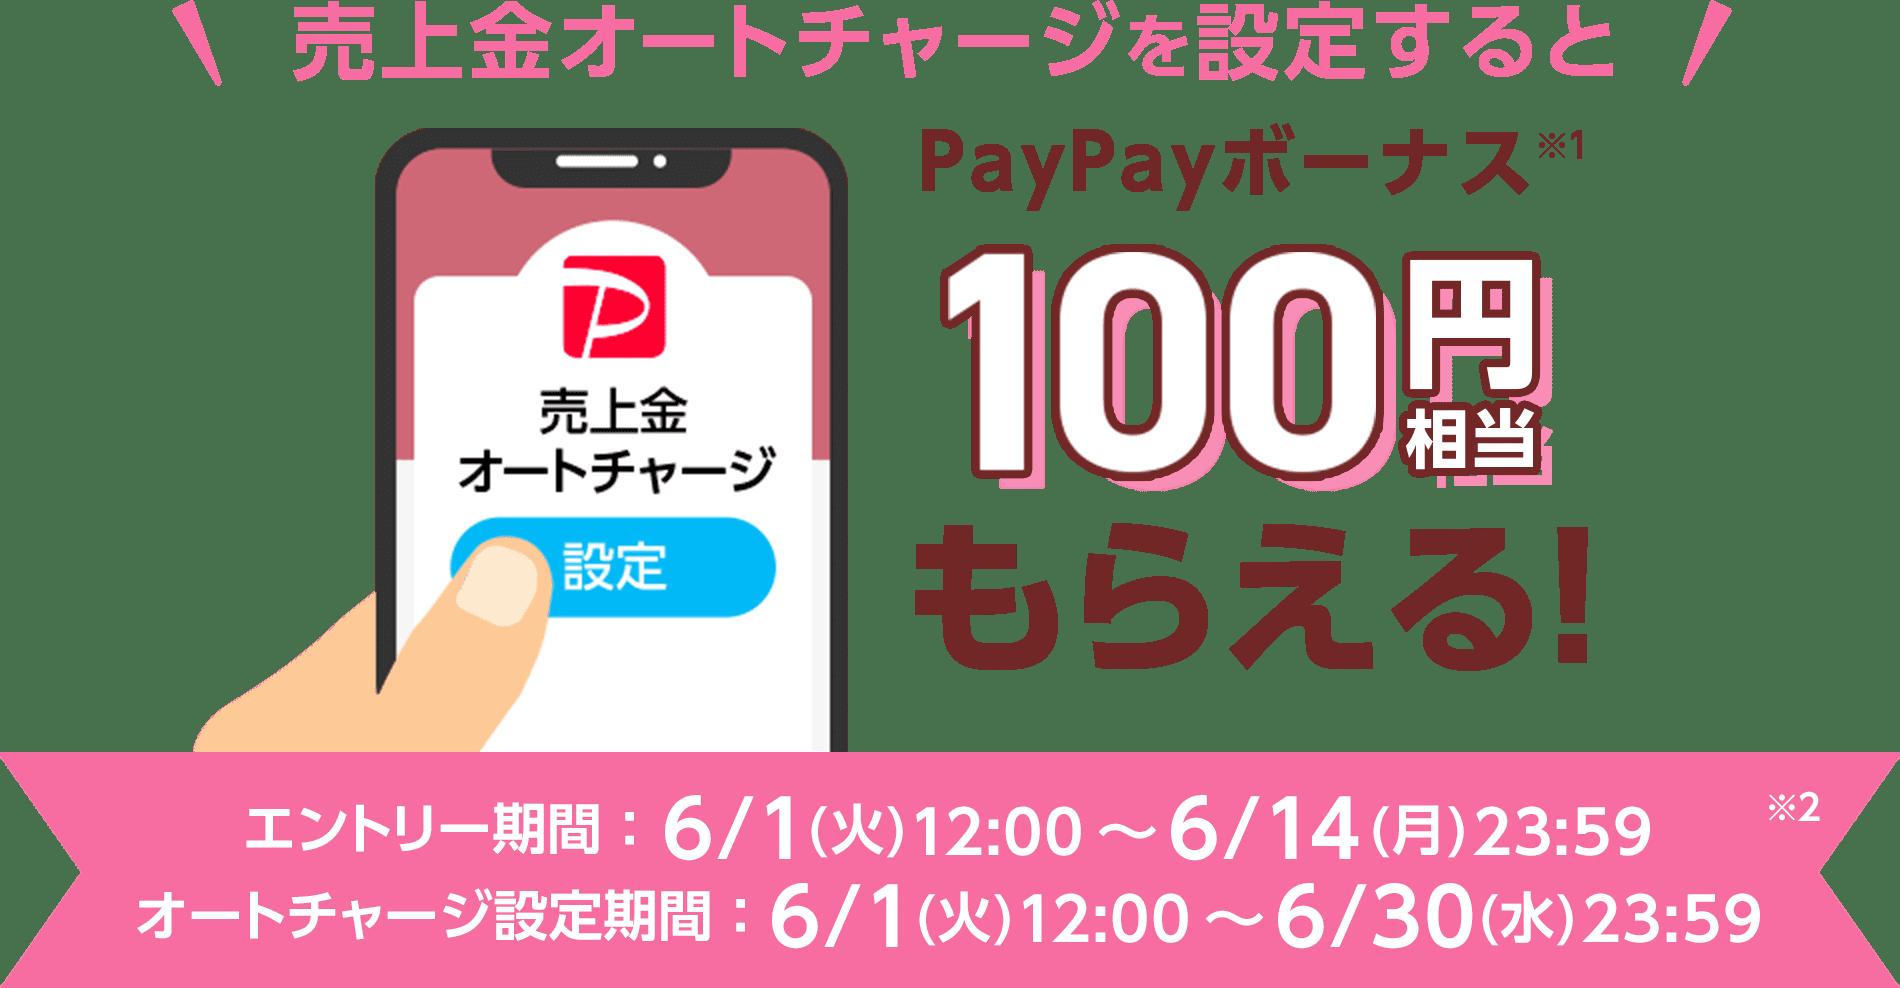 PayPayフリマの売上金をPayPayでもらうと100円PayPayがもらえる。~6/14。